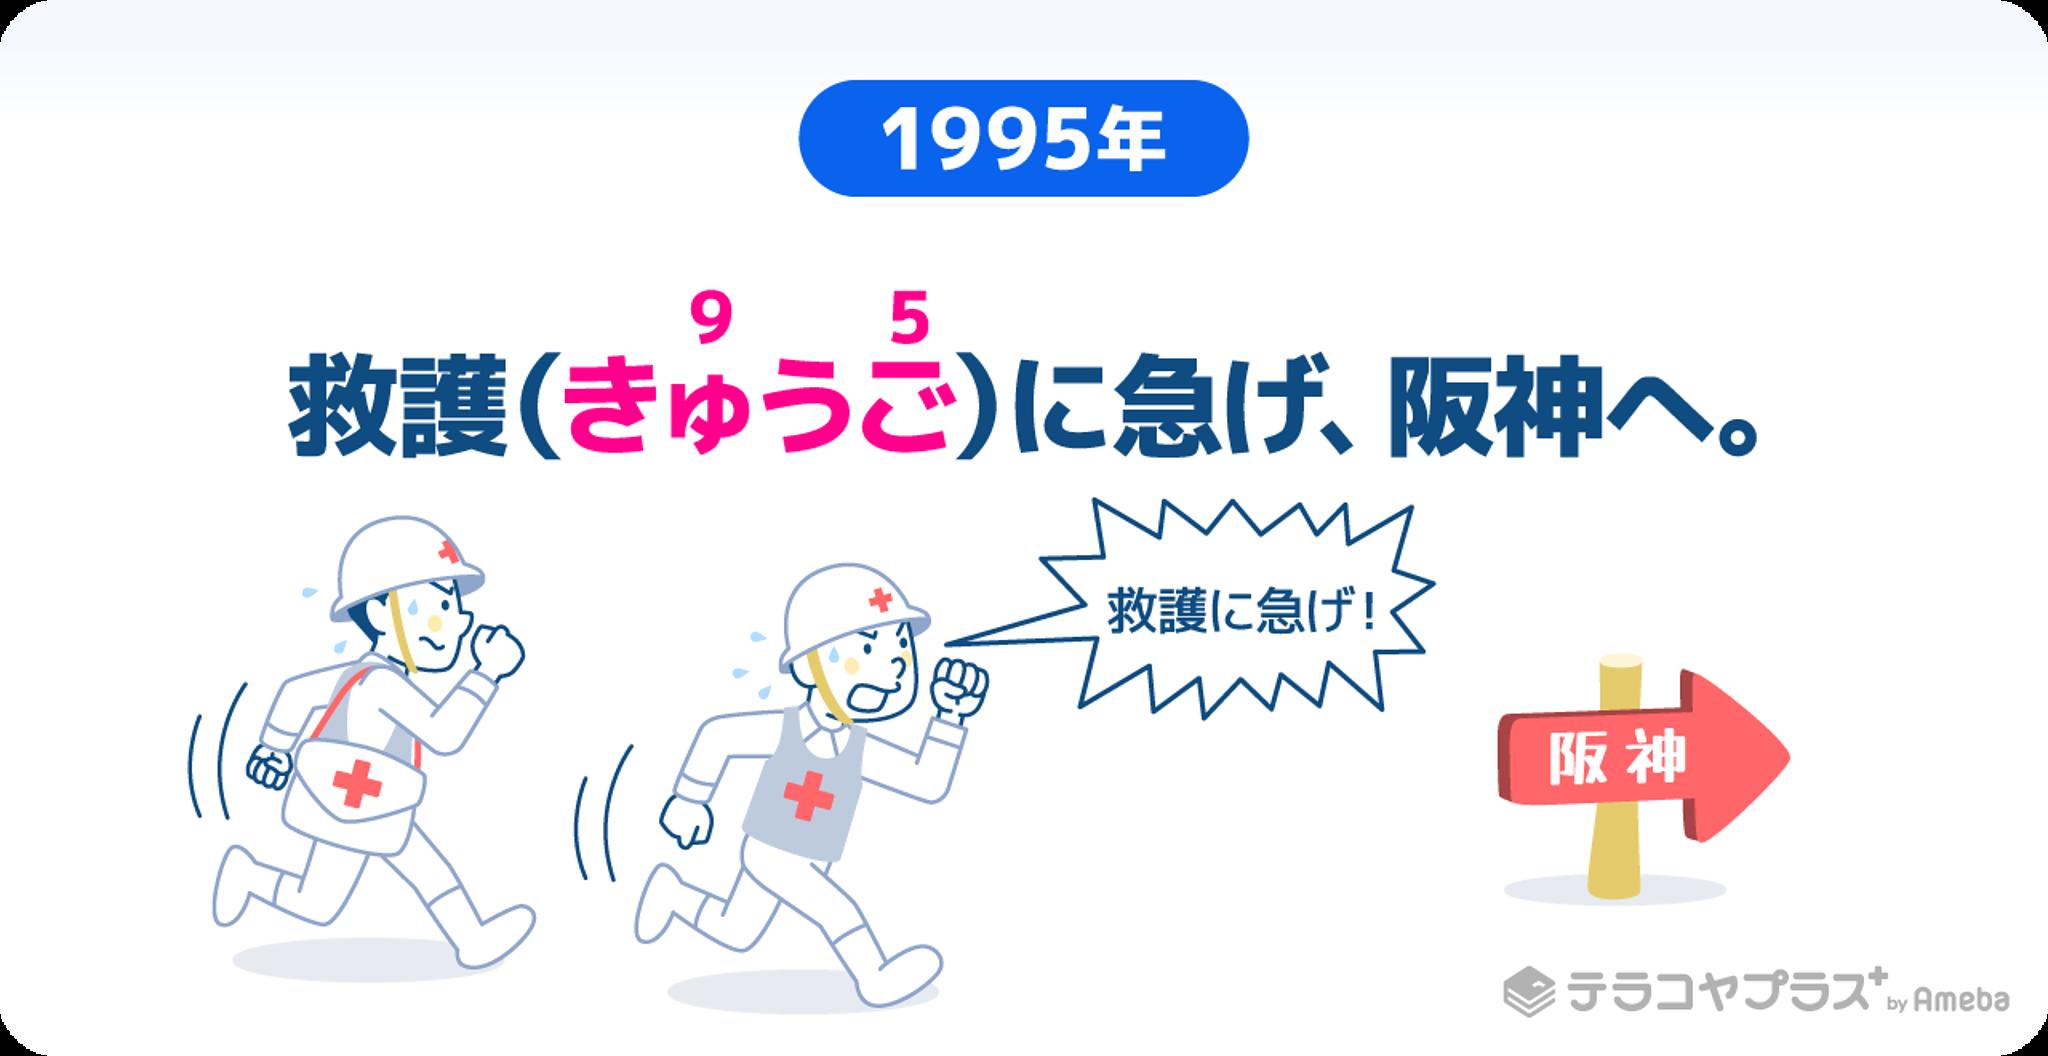 救護の人が阪神へ向かっているイラスト画像